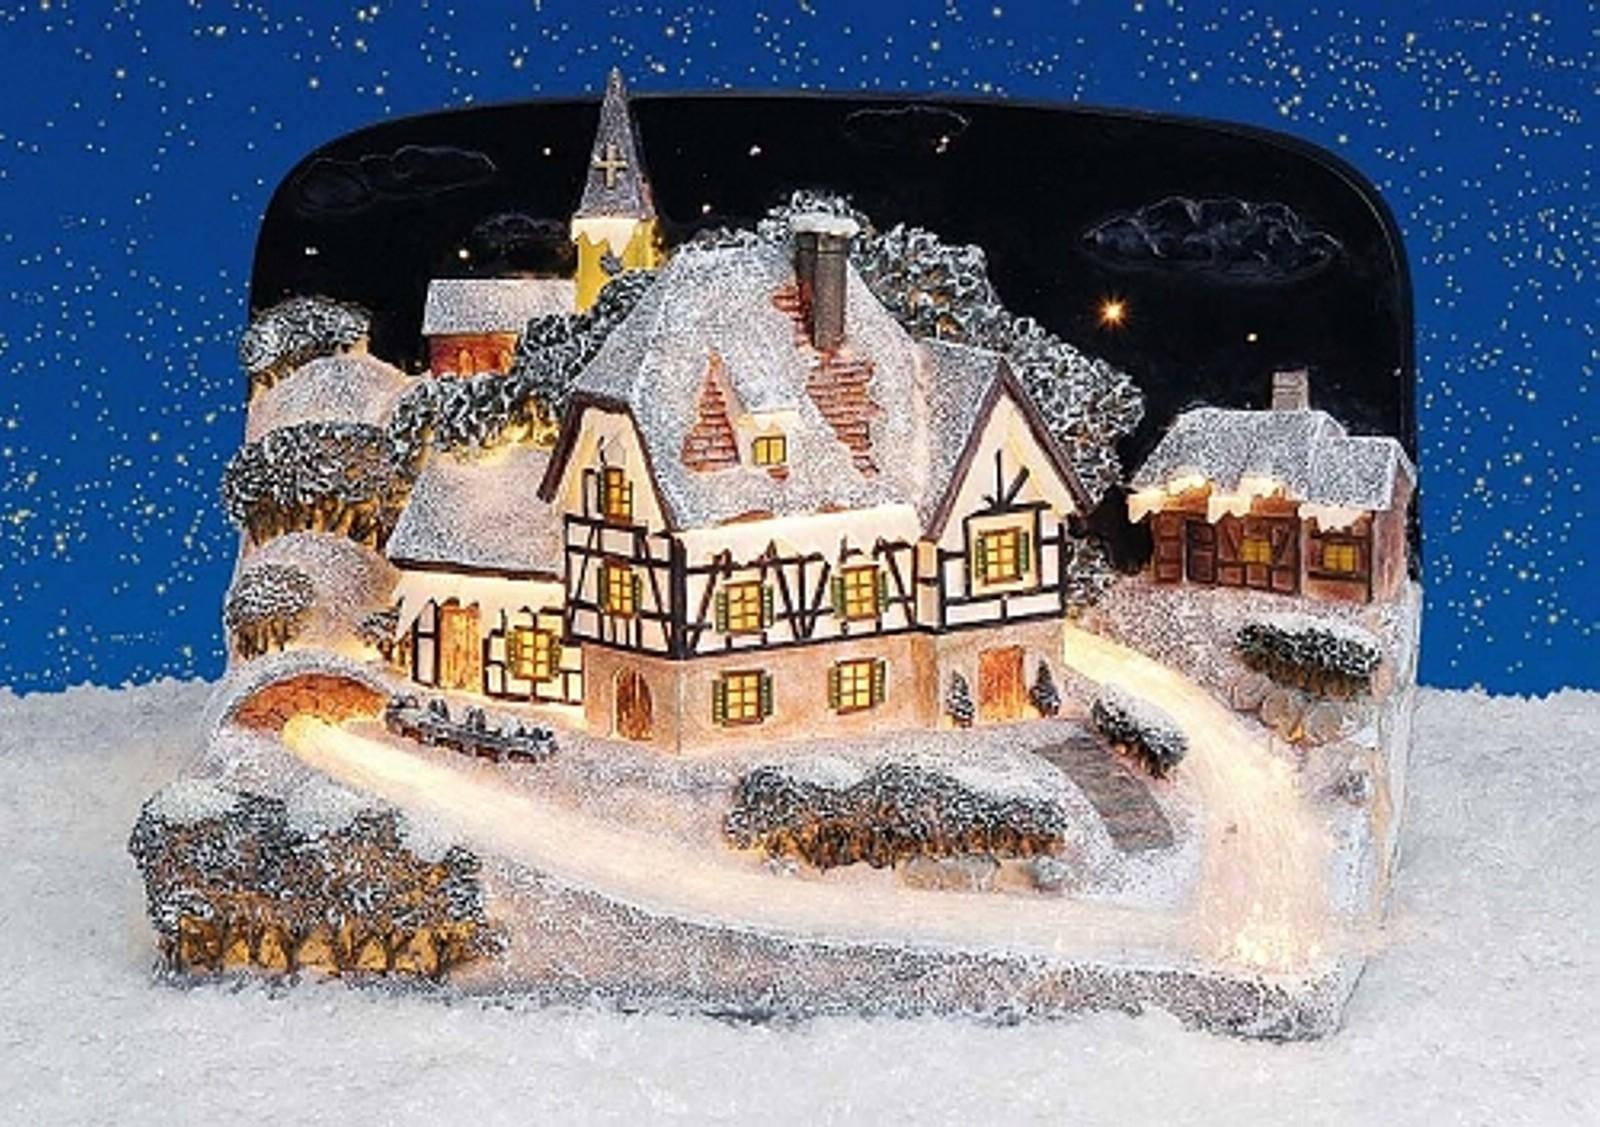 Lichthaus g wurm winterdorf lichtkirche deko haus for Weihnachten deko